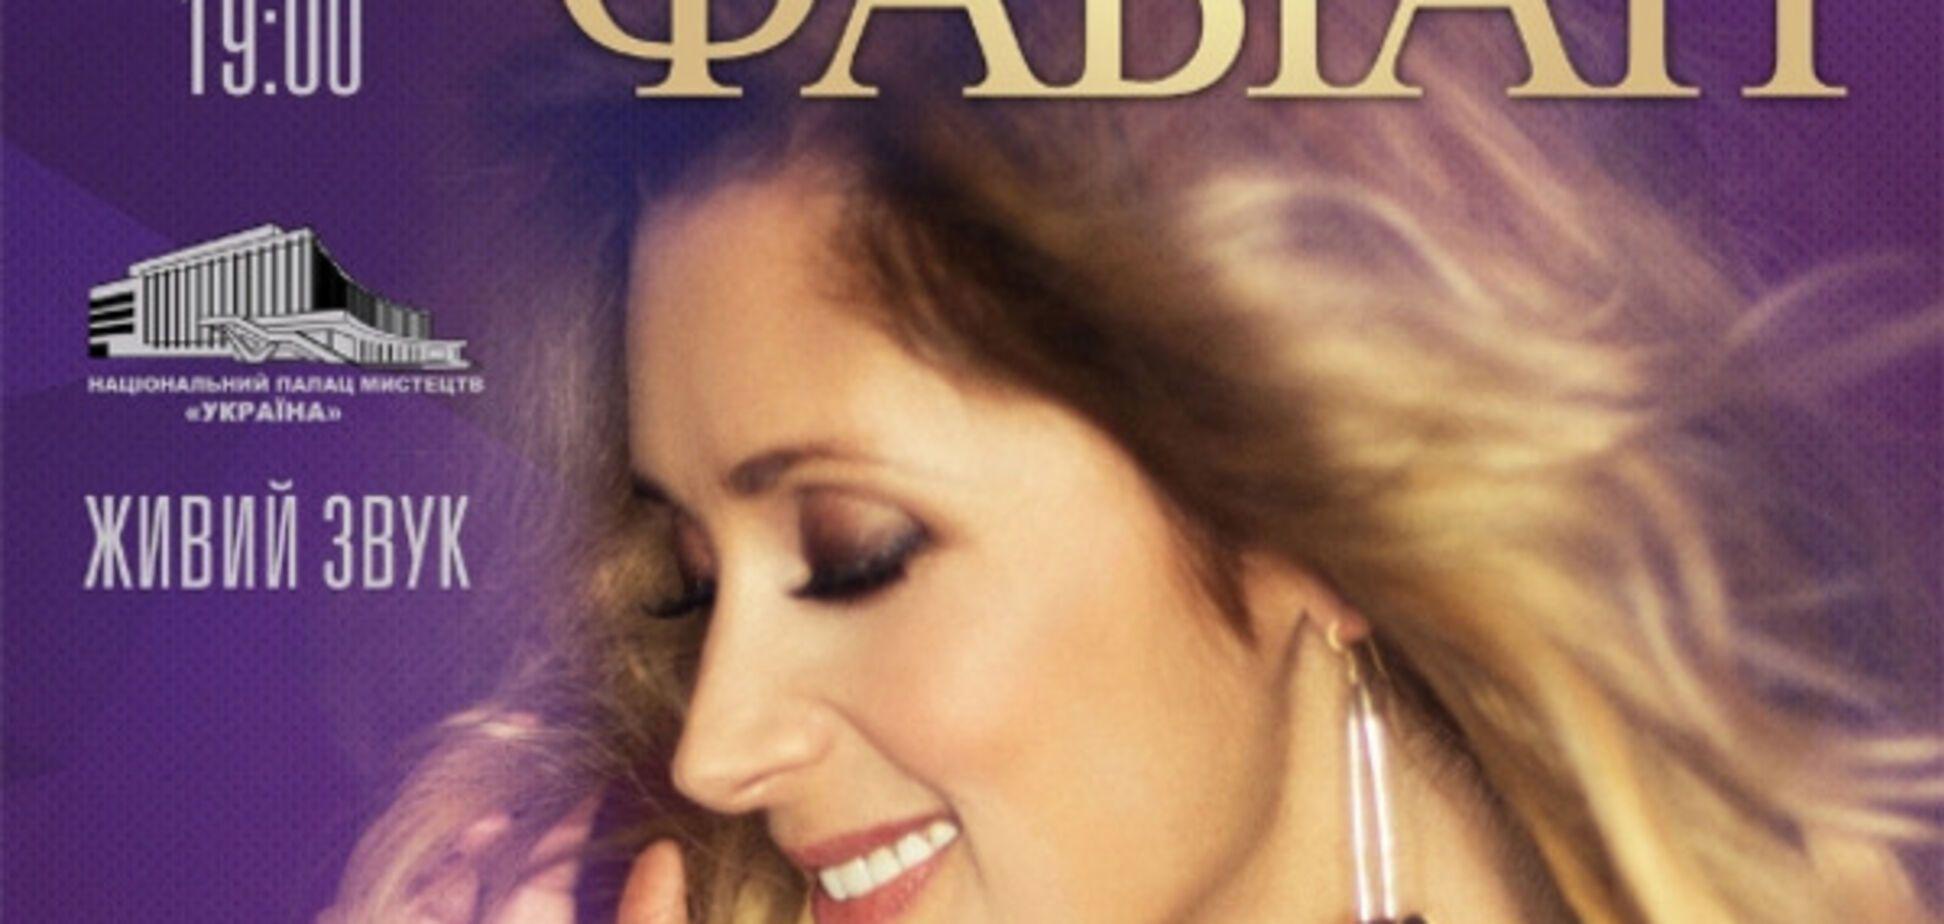 Лара Фабиан даст концерты в Киеве 2 и 3 декабря